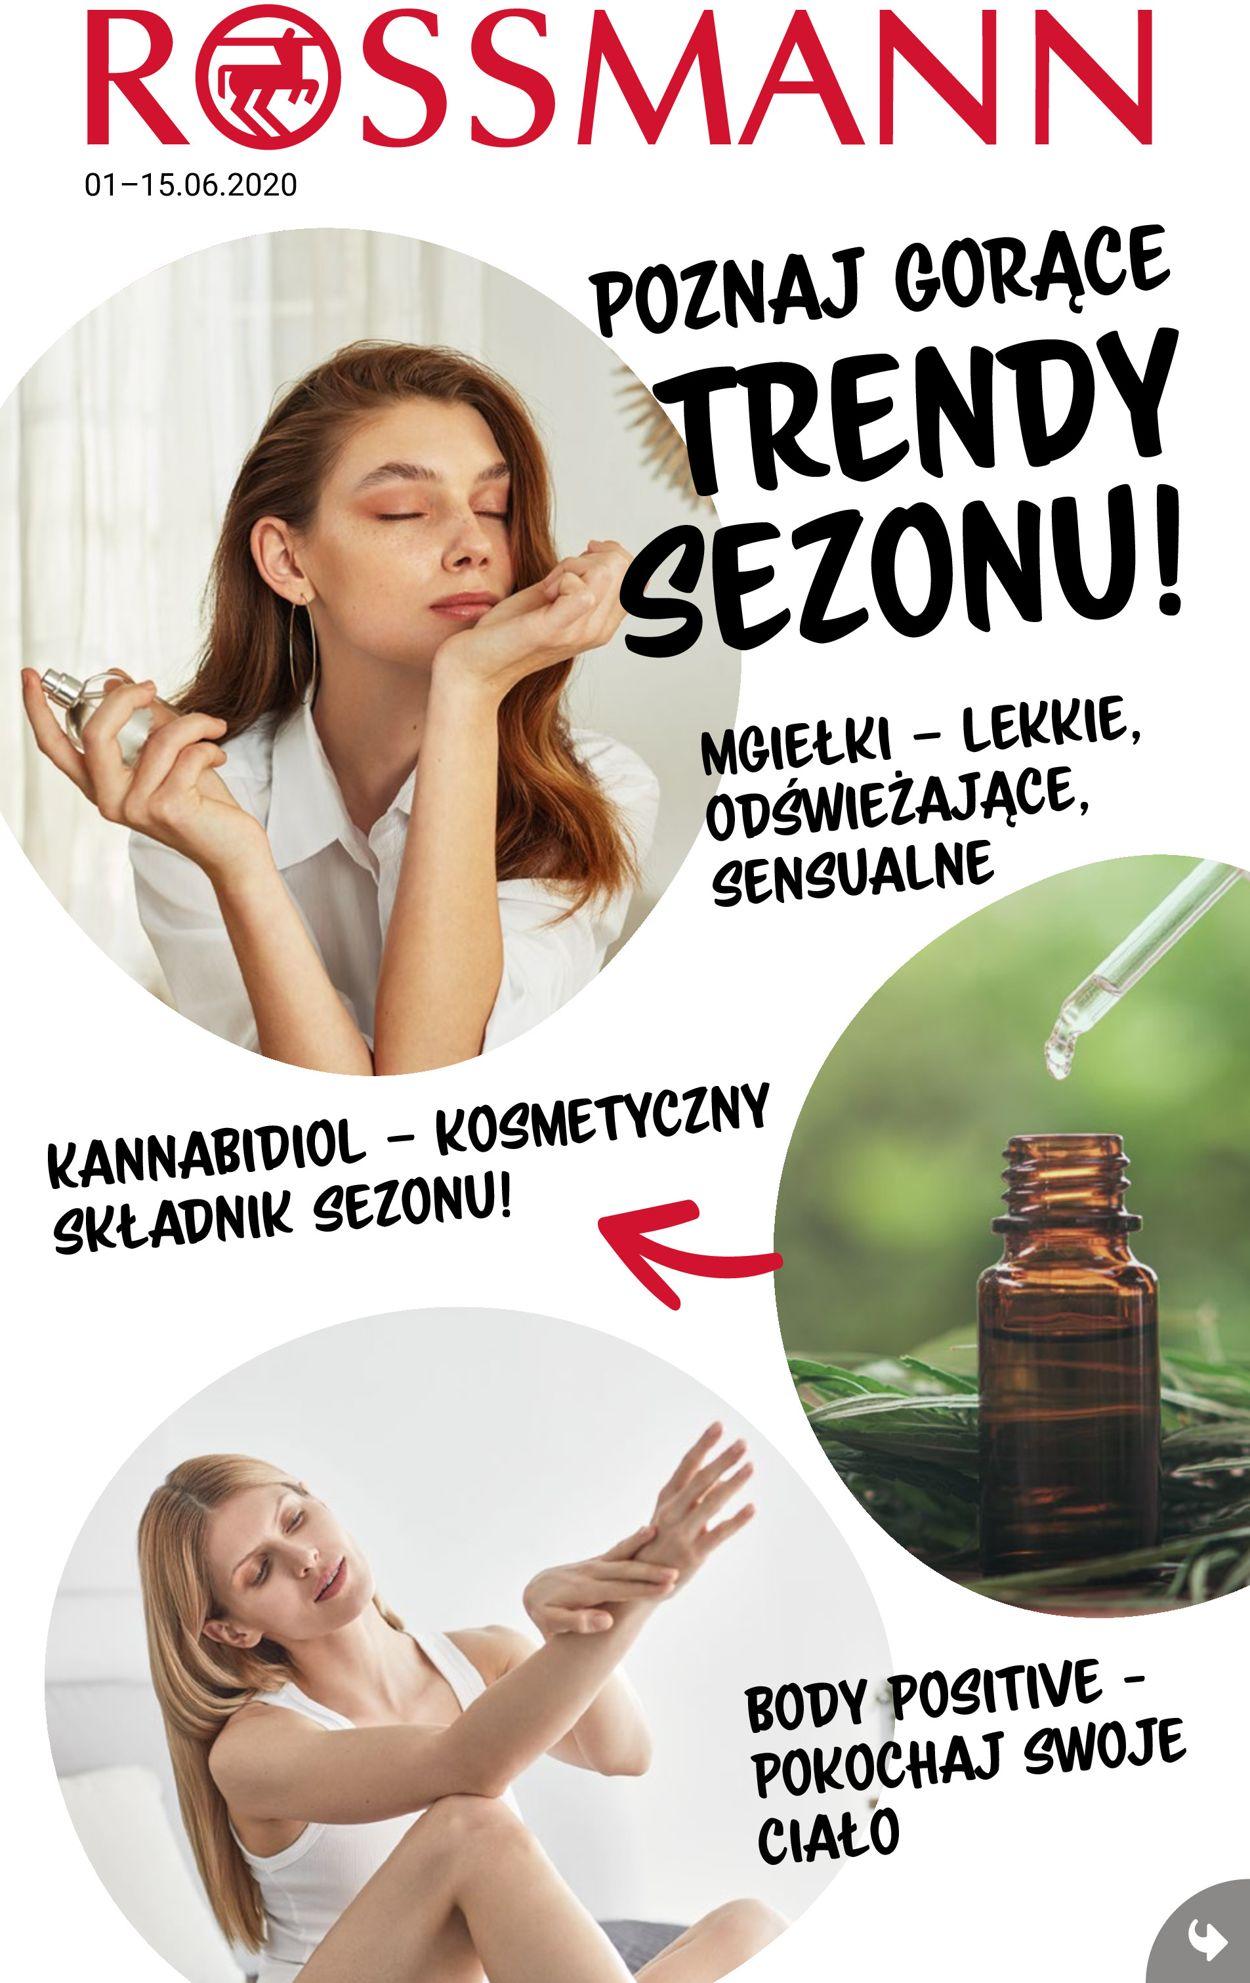 Gazetka promocyjna Rossmann - 01.06-15.06.2020